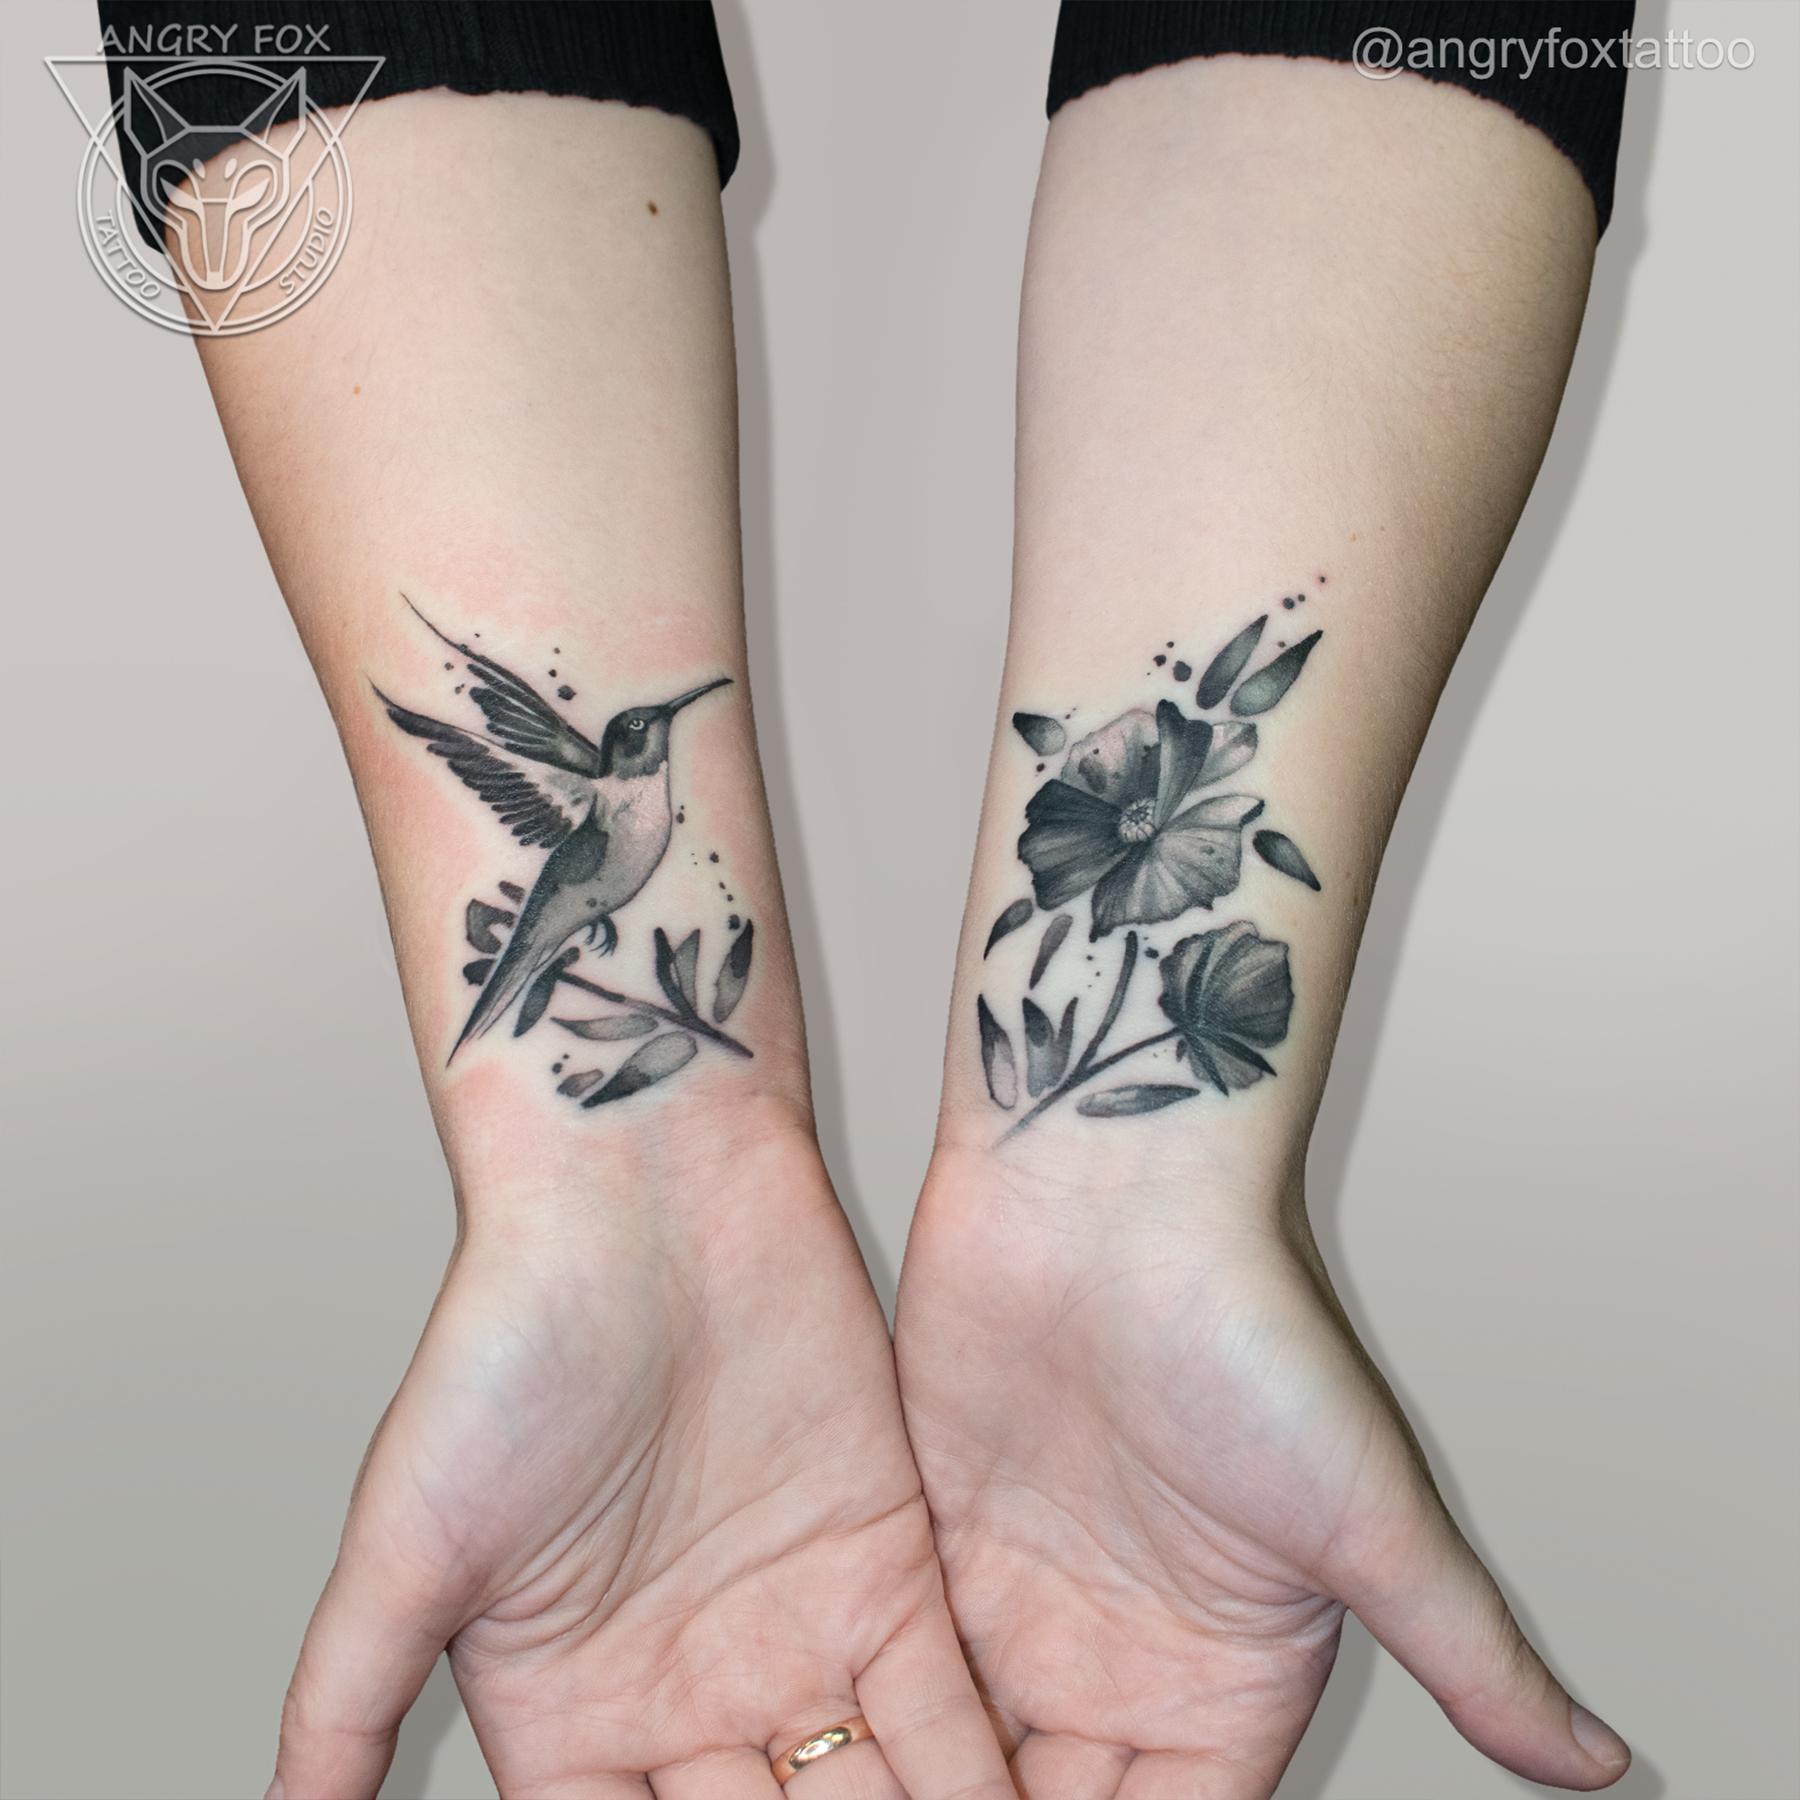 татуировка, тату, каверап, рука, предплечье, запястье, акварель, колибри, птицы, перекрытие, тушь